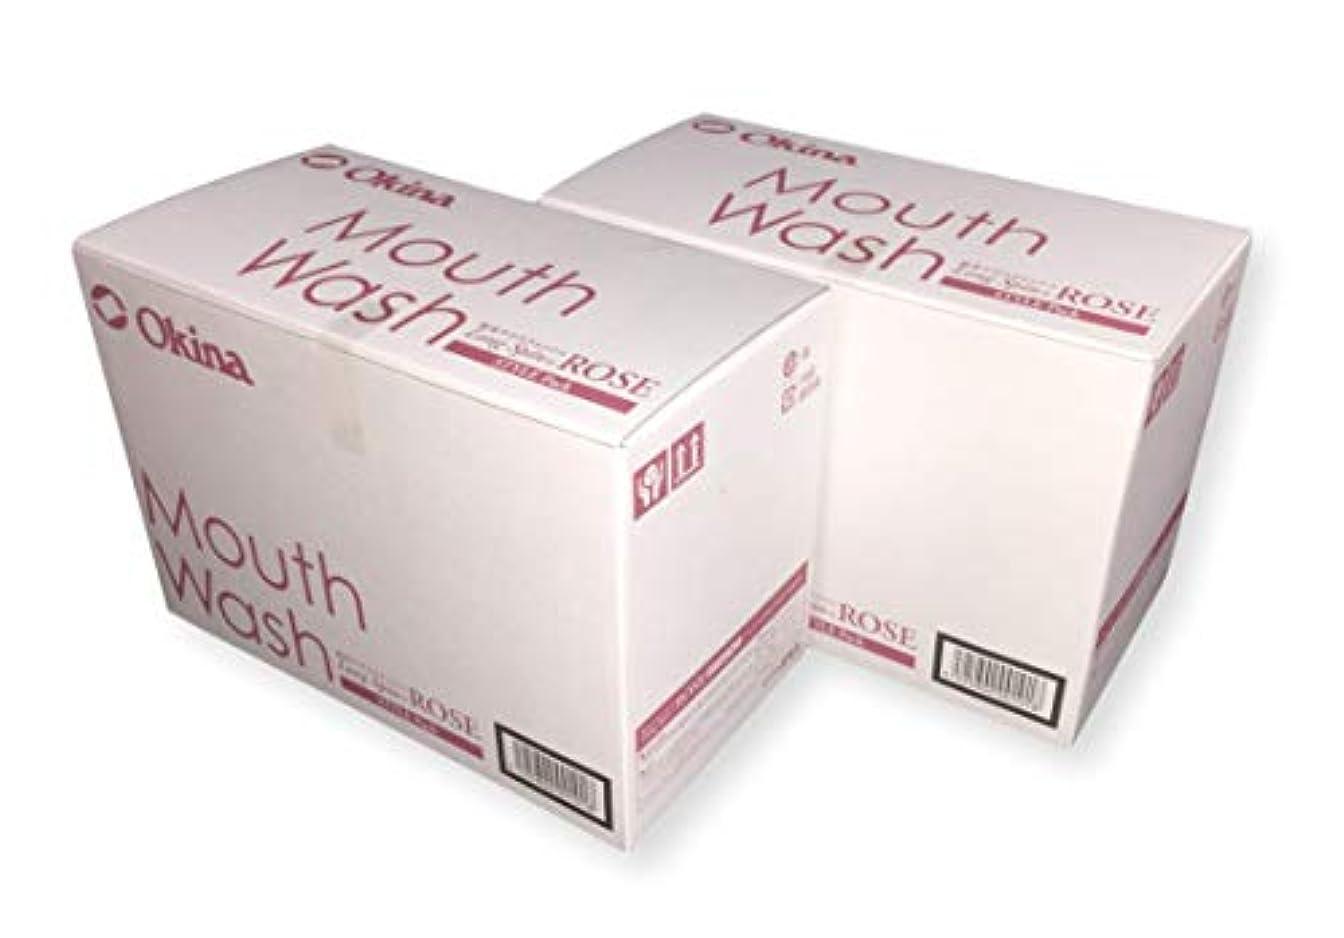 意図的現実的通信網オキナ マウスウォッシュ ロングスピン スタイルパック ROSE お得な2箱セット(100入りx2箱) LS-RS